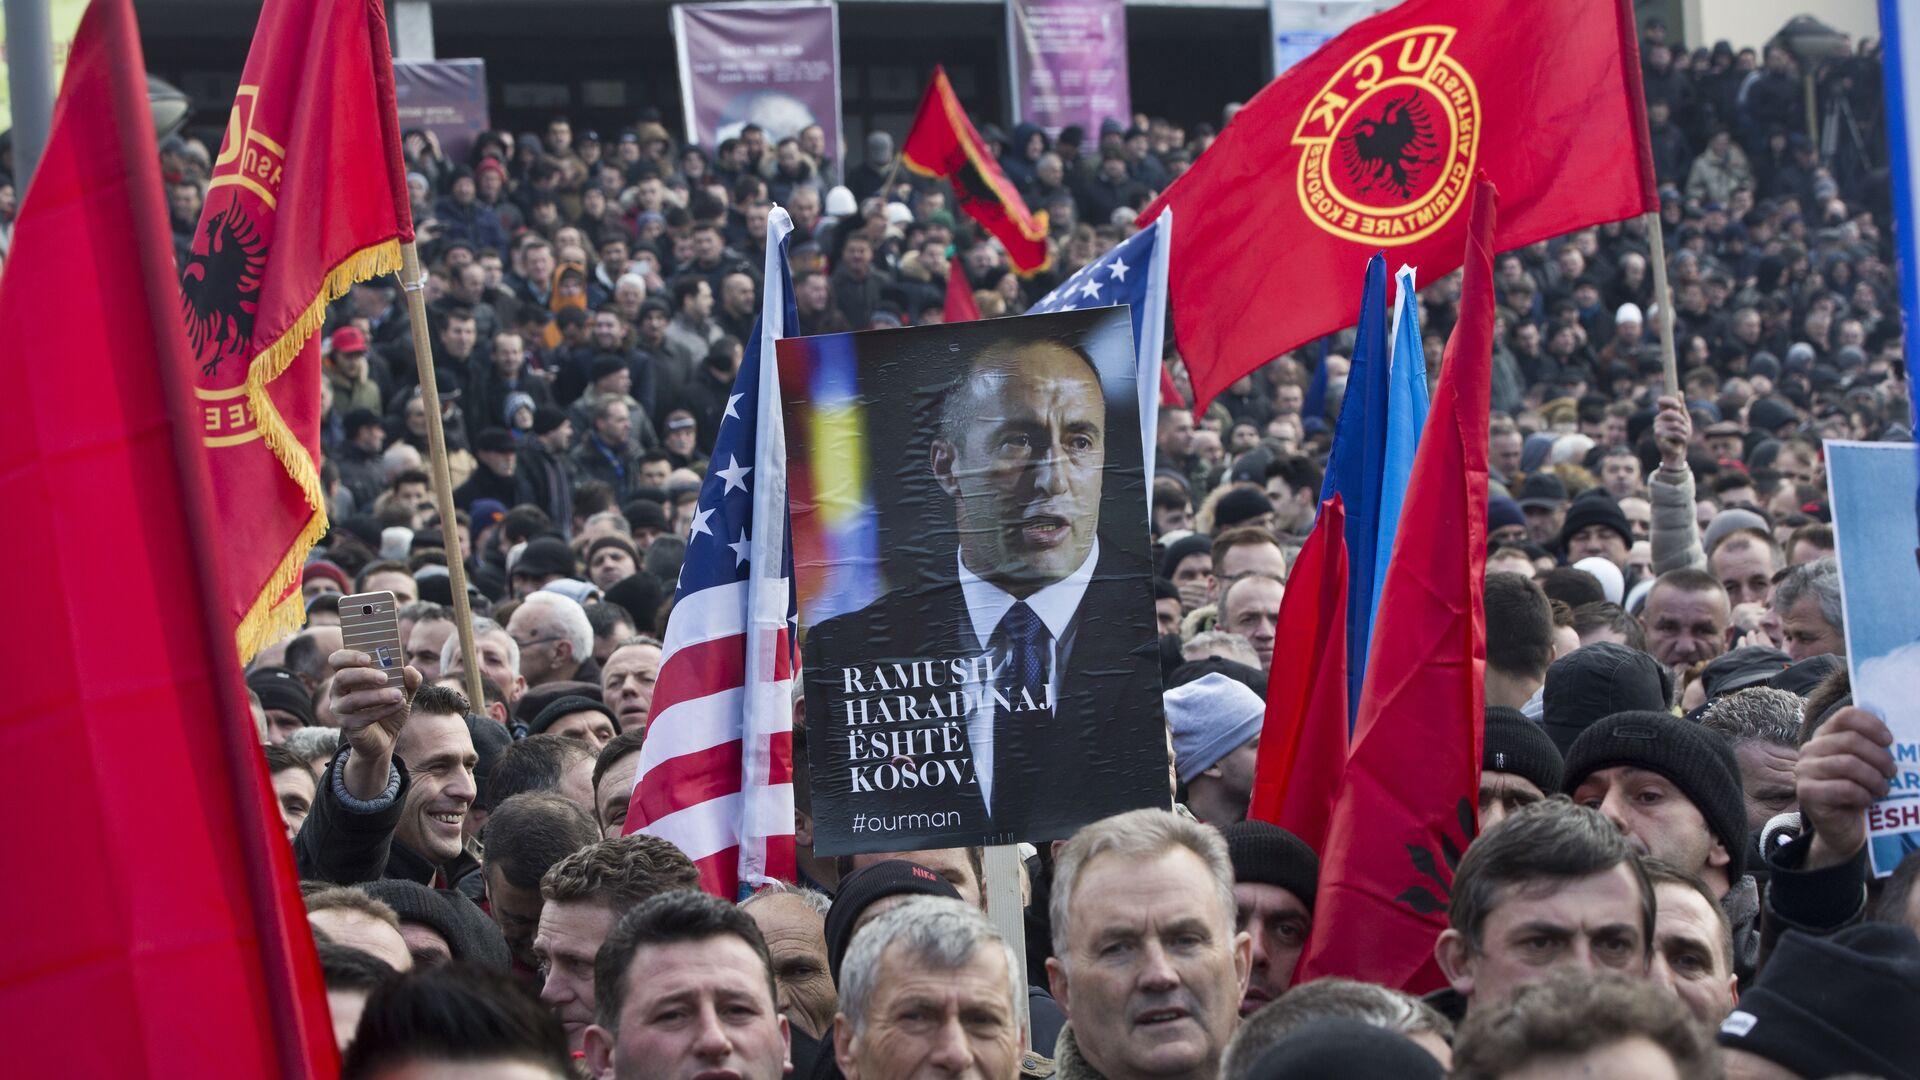 Pristalice Ramuša Haradinaja sa zastavama SAD i Albanije i OVK - arhivska fotografija - Sputnik Srbija, 1920, 14.02.2021